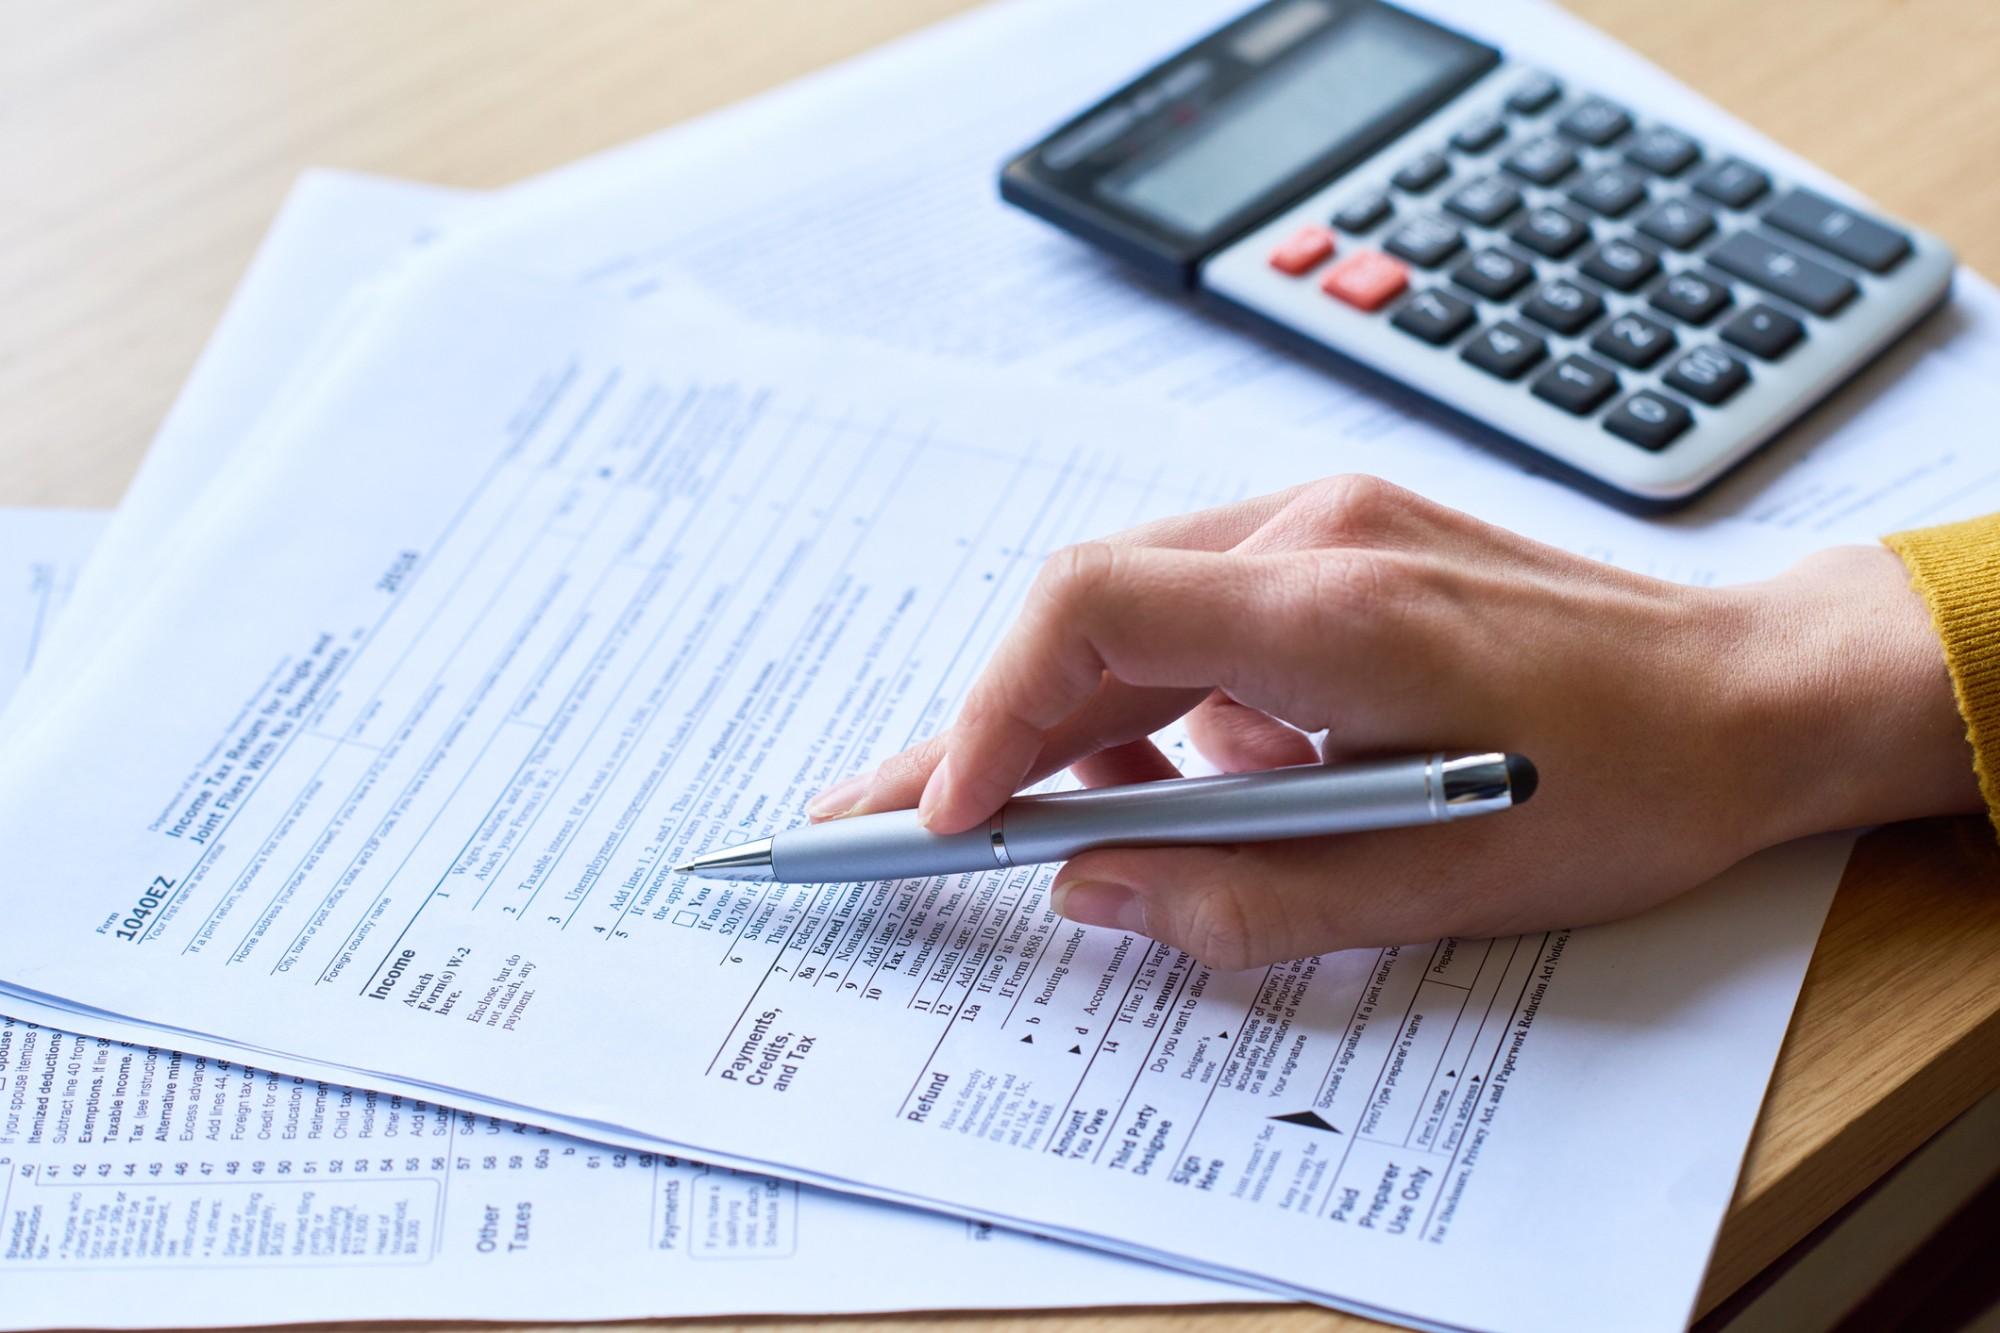 Como fazer o rateio de despesas - Argo Solutions - Simplifying your journey